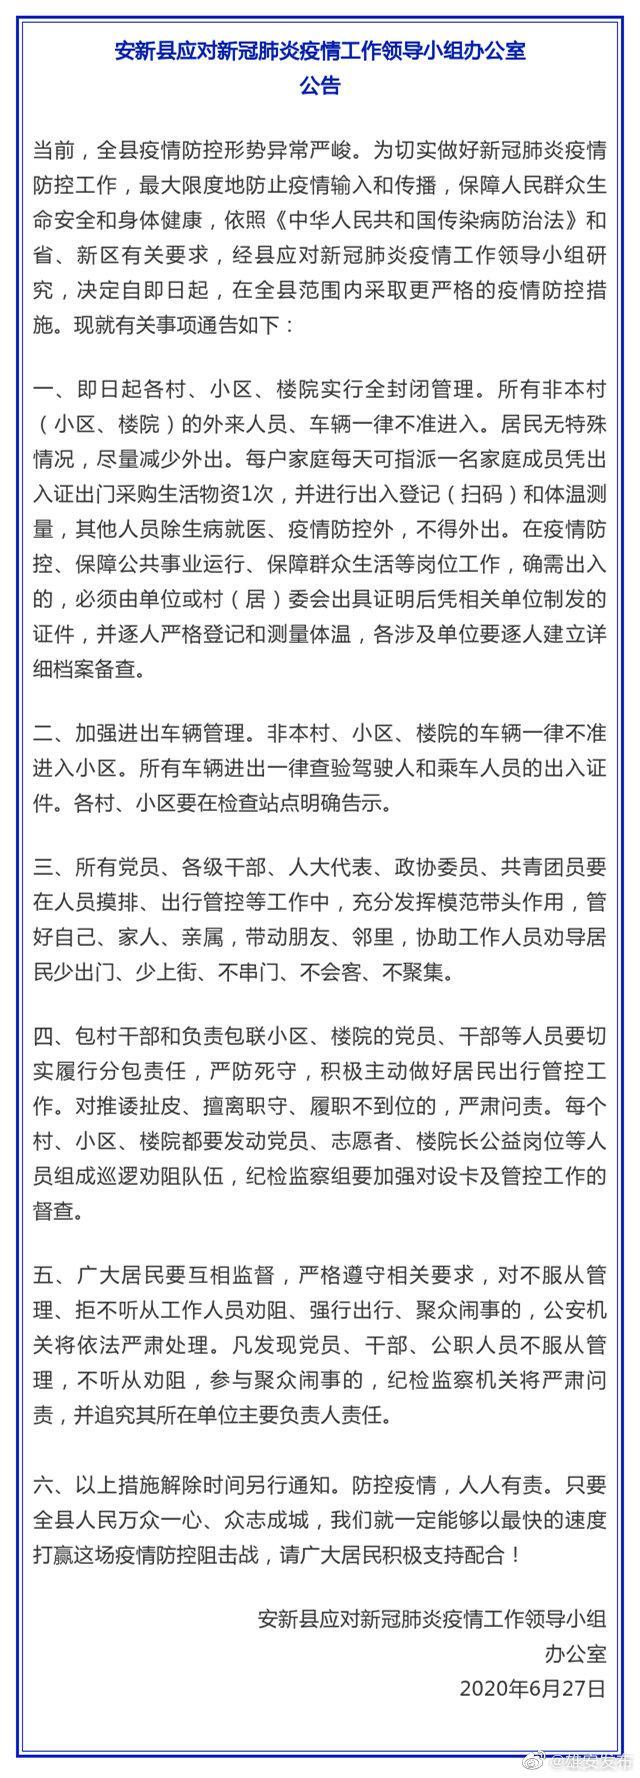 摩天注册于疫情防控雄摩天注册安安新县发布最新图片